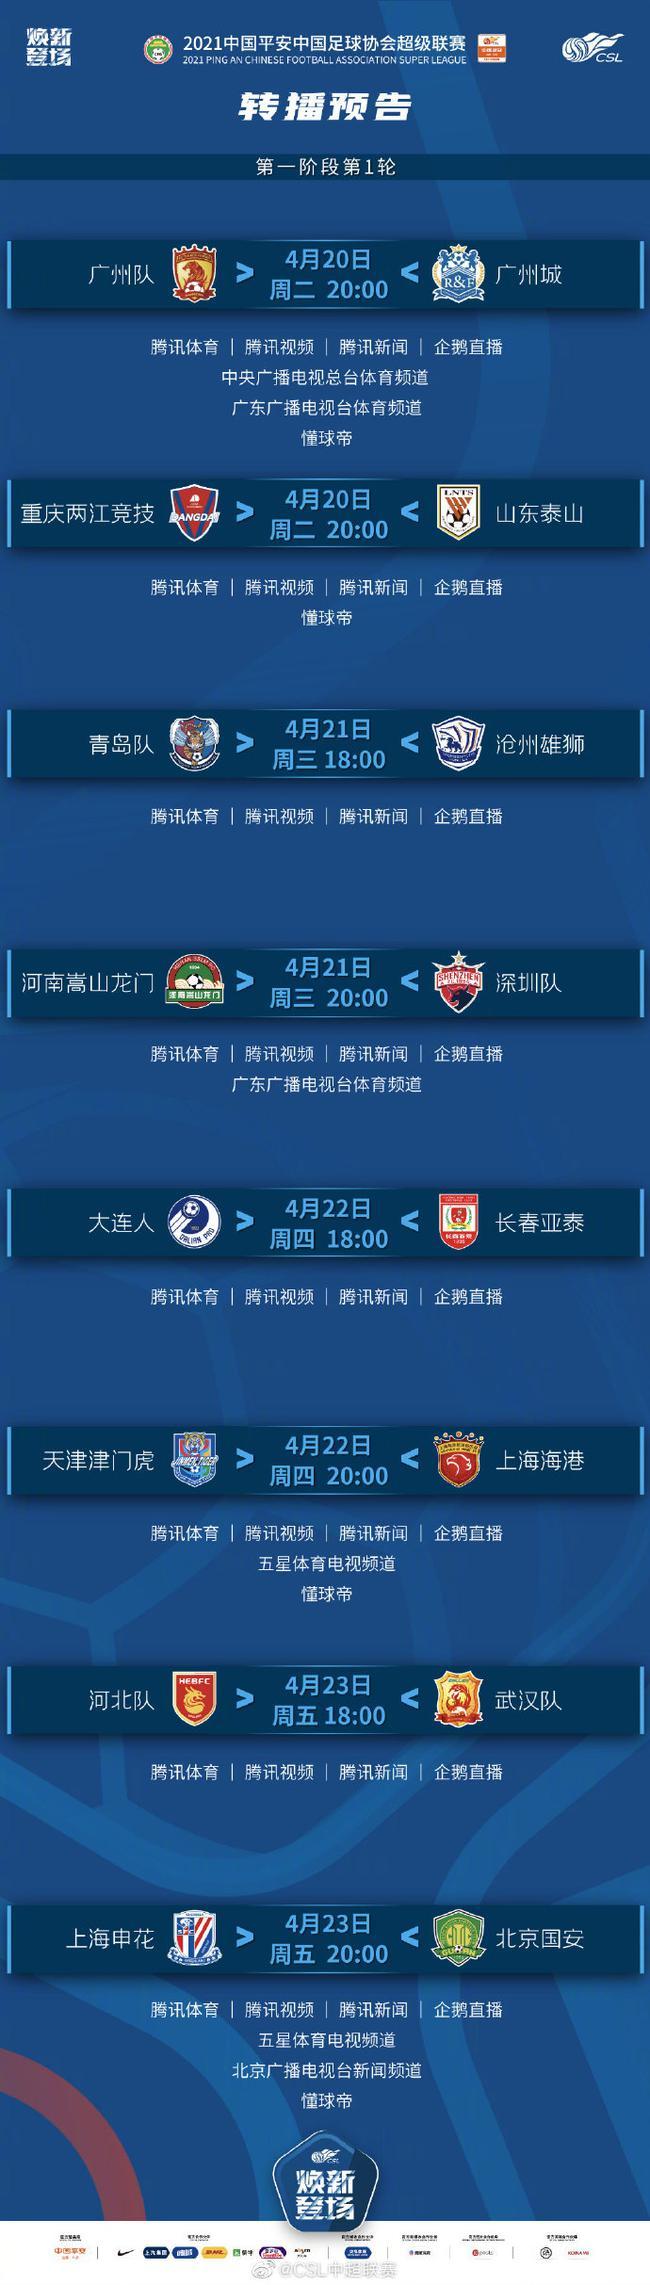 2021中超第1轮转播计划:广州德比+京沪大战引关注